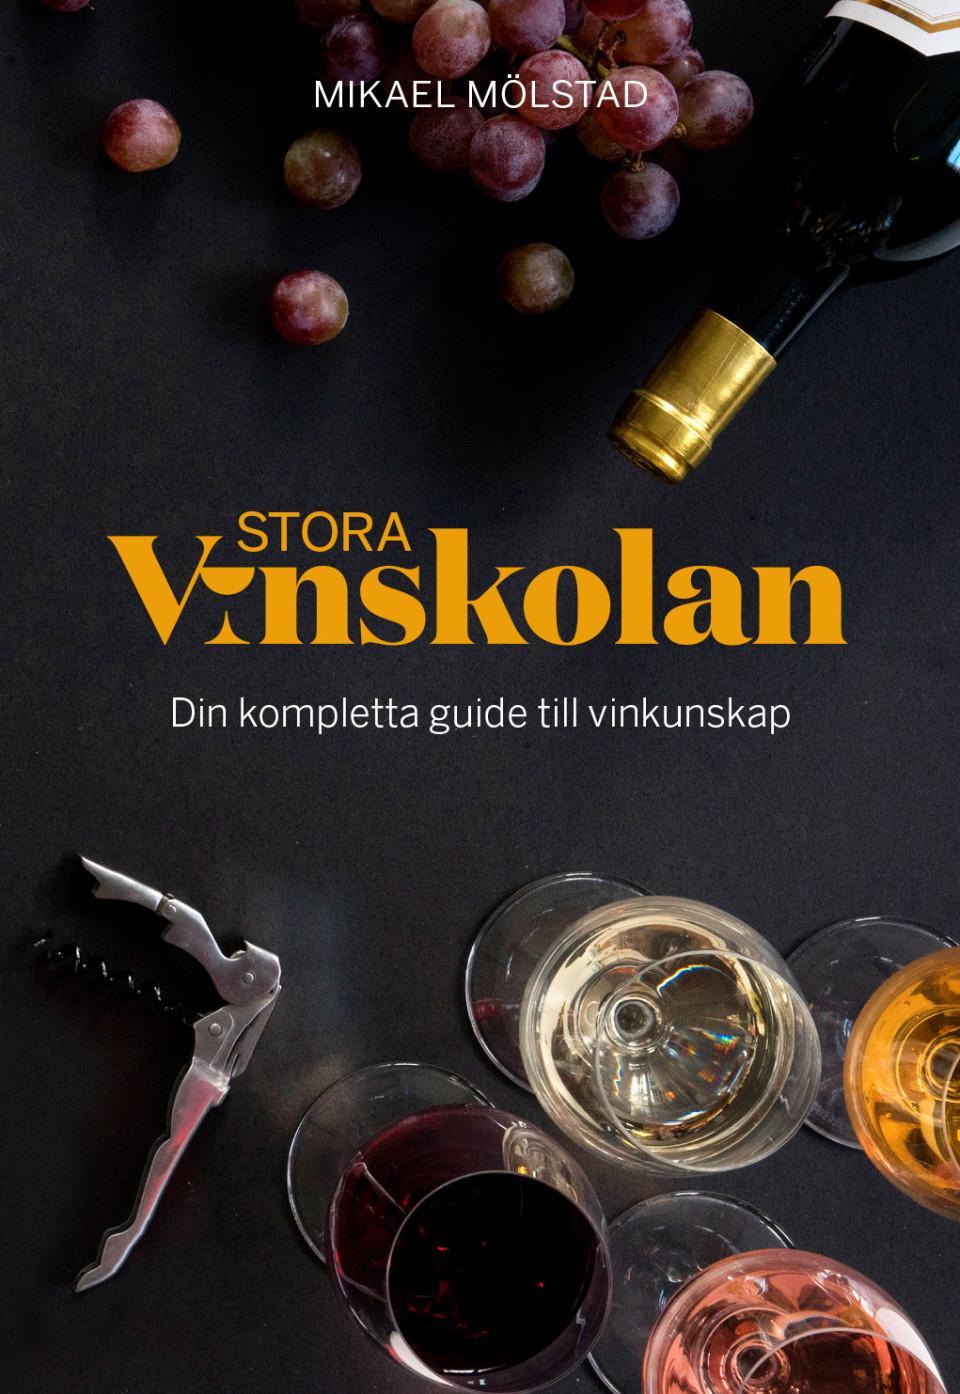 Boken Stora vinskolan